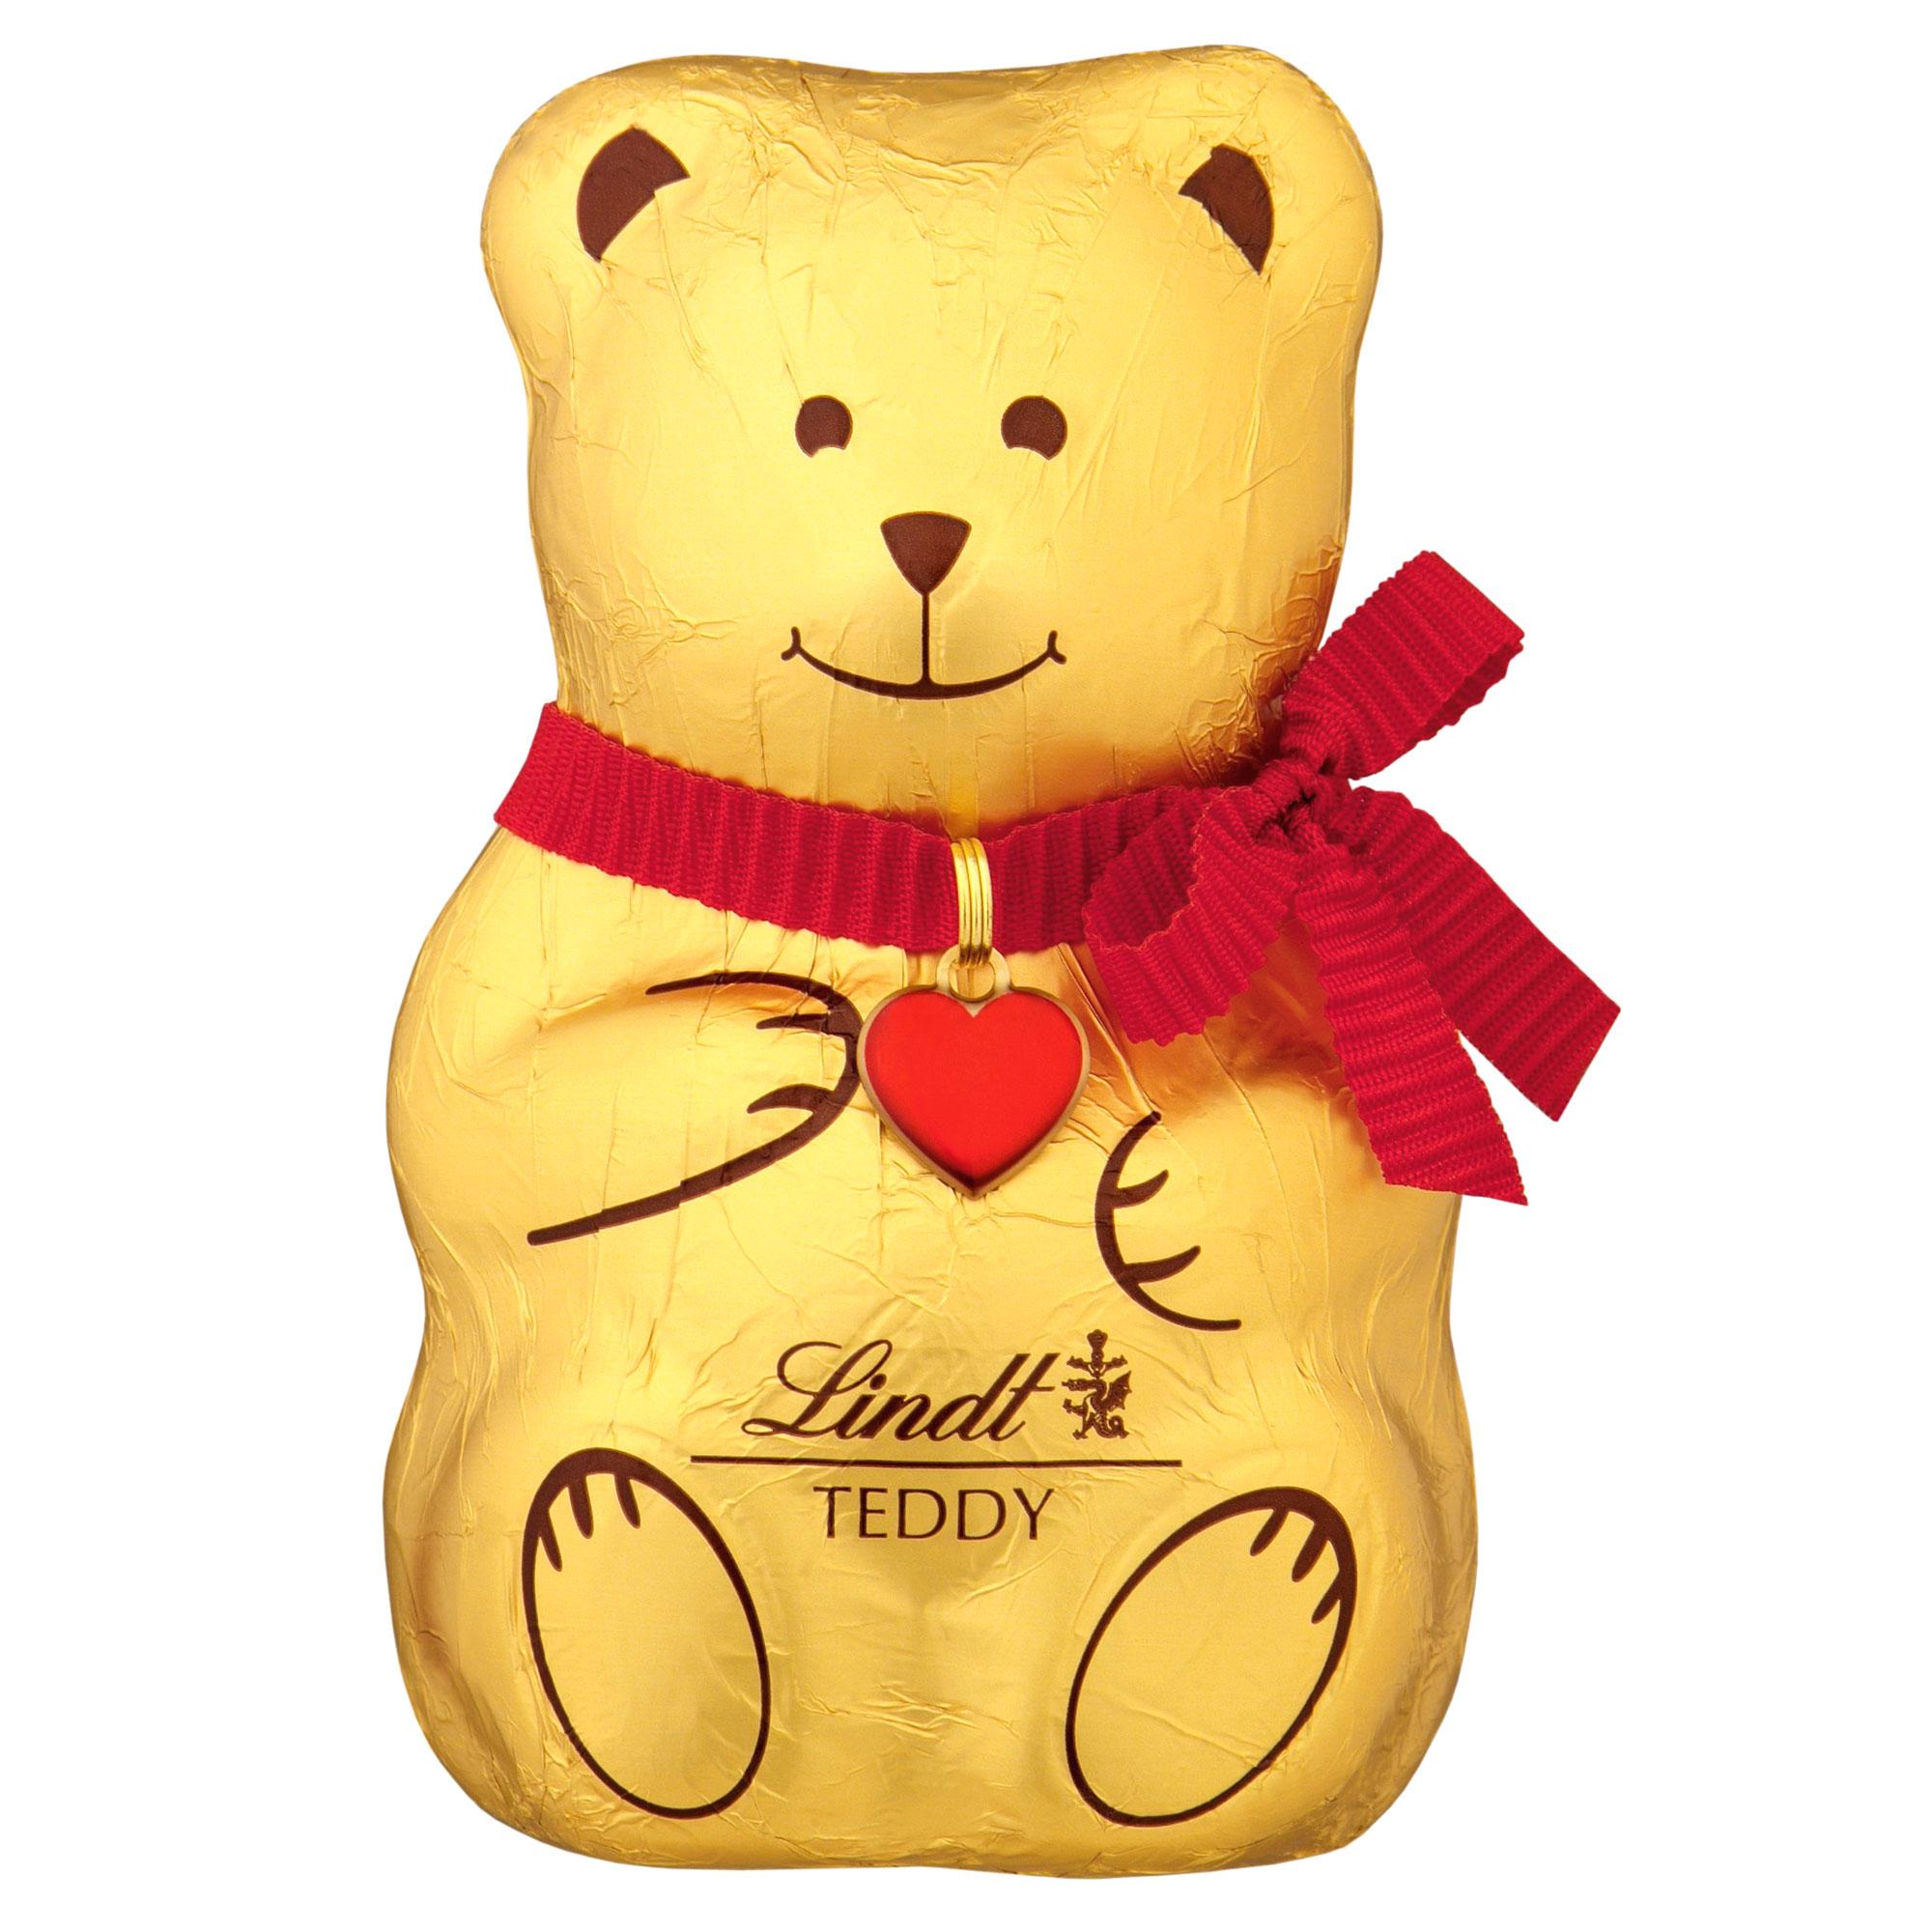 lindt teddy 200g online kaufen im world of sweets shop. Black Bedroom Furniture Sets. Home Design Ideas